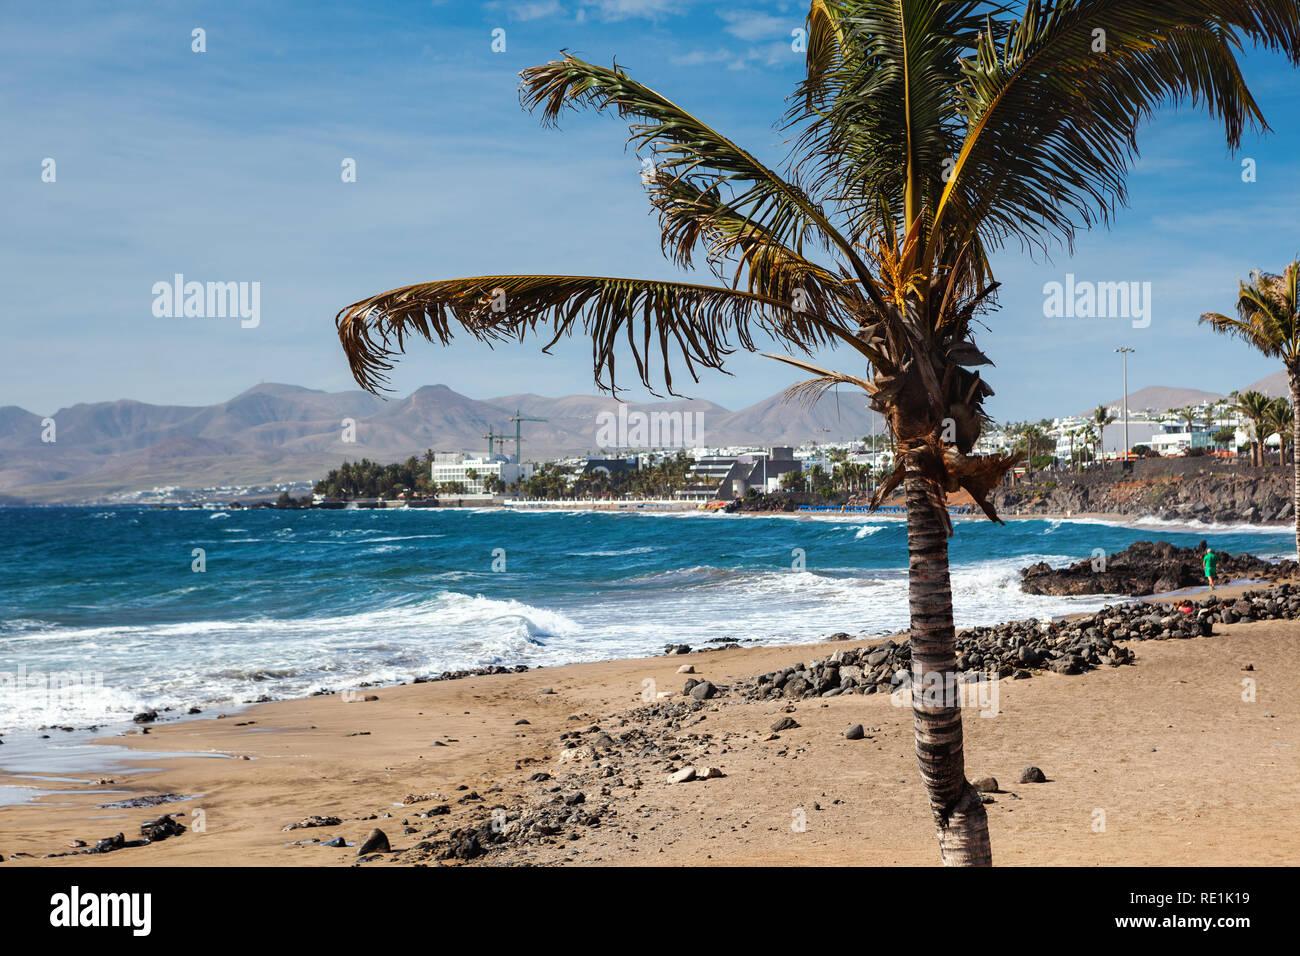 Plage de Puerto del Carmen à Lanzarote, îles canaries, espagne. bleu de la mer, des palmiers, selective focus Banque D'Images